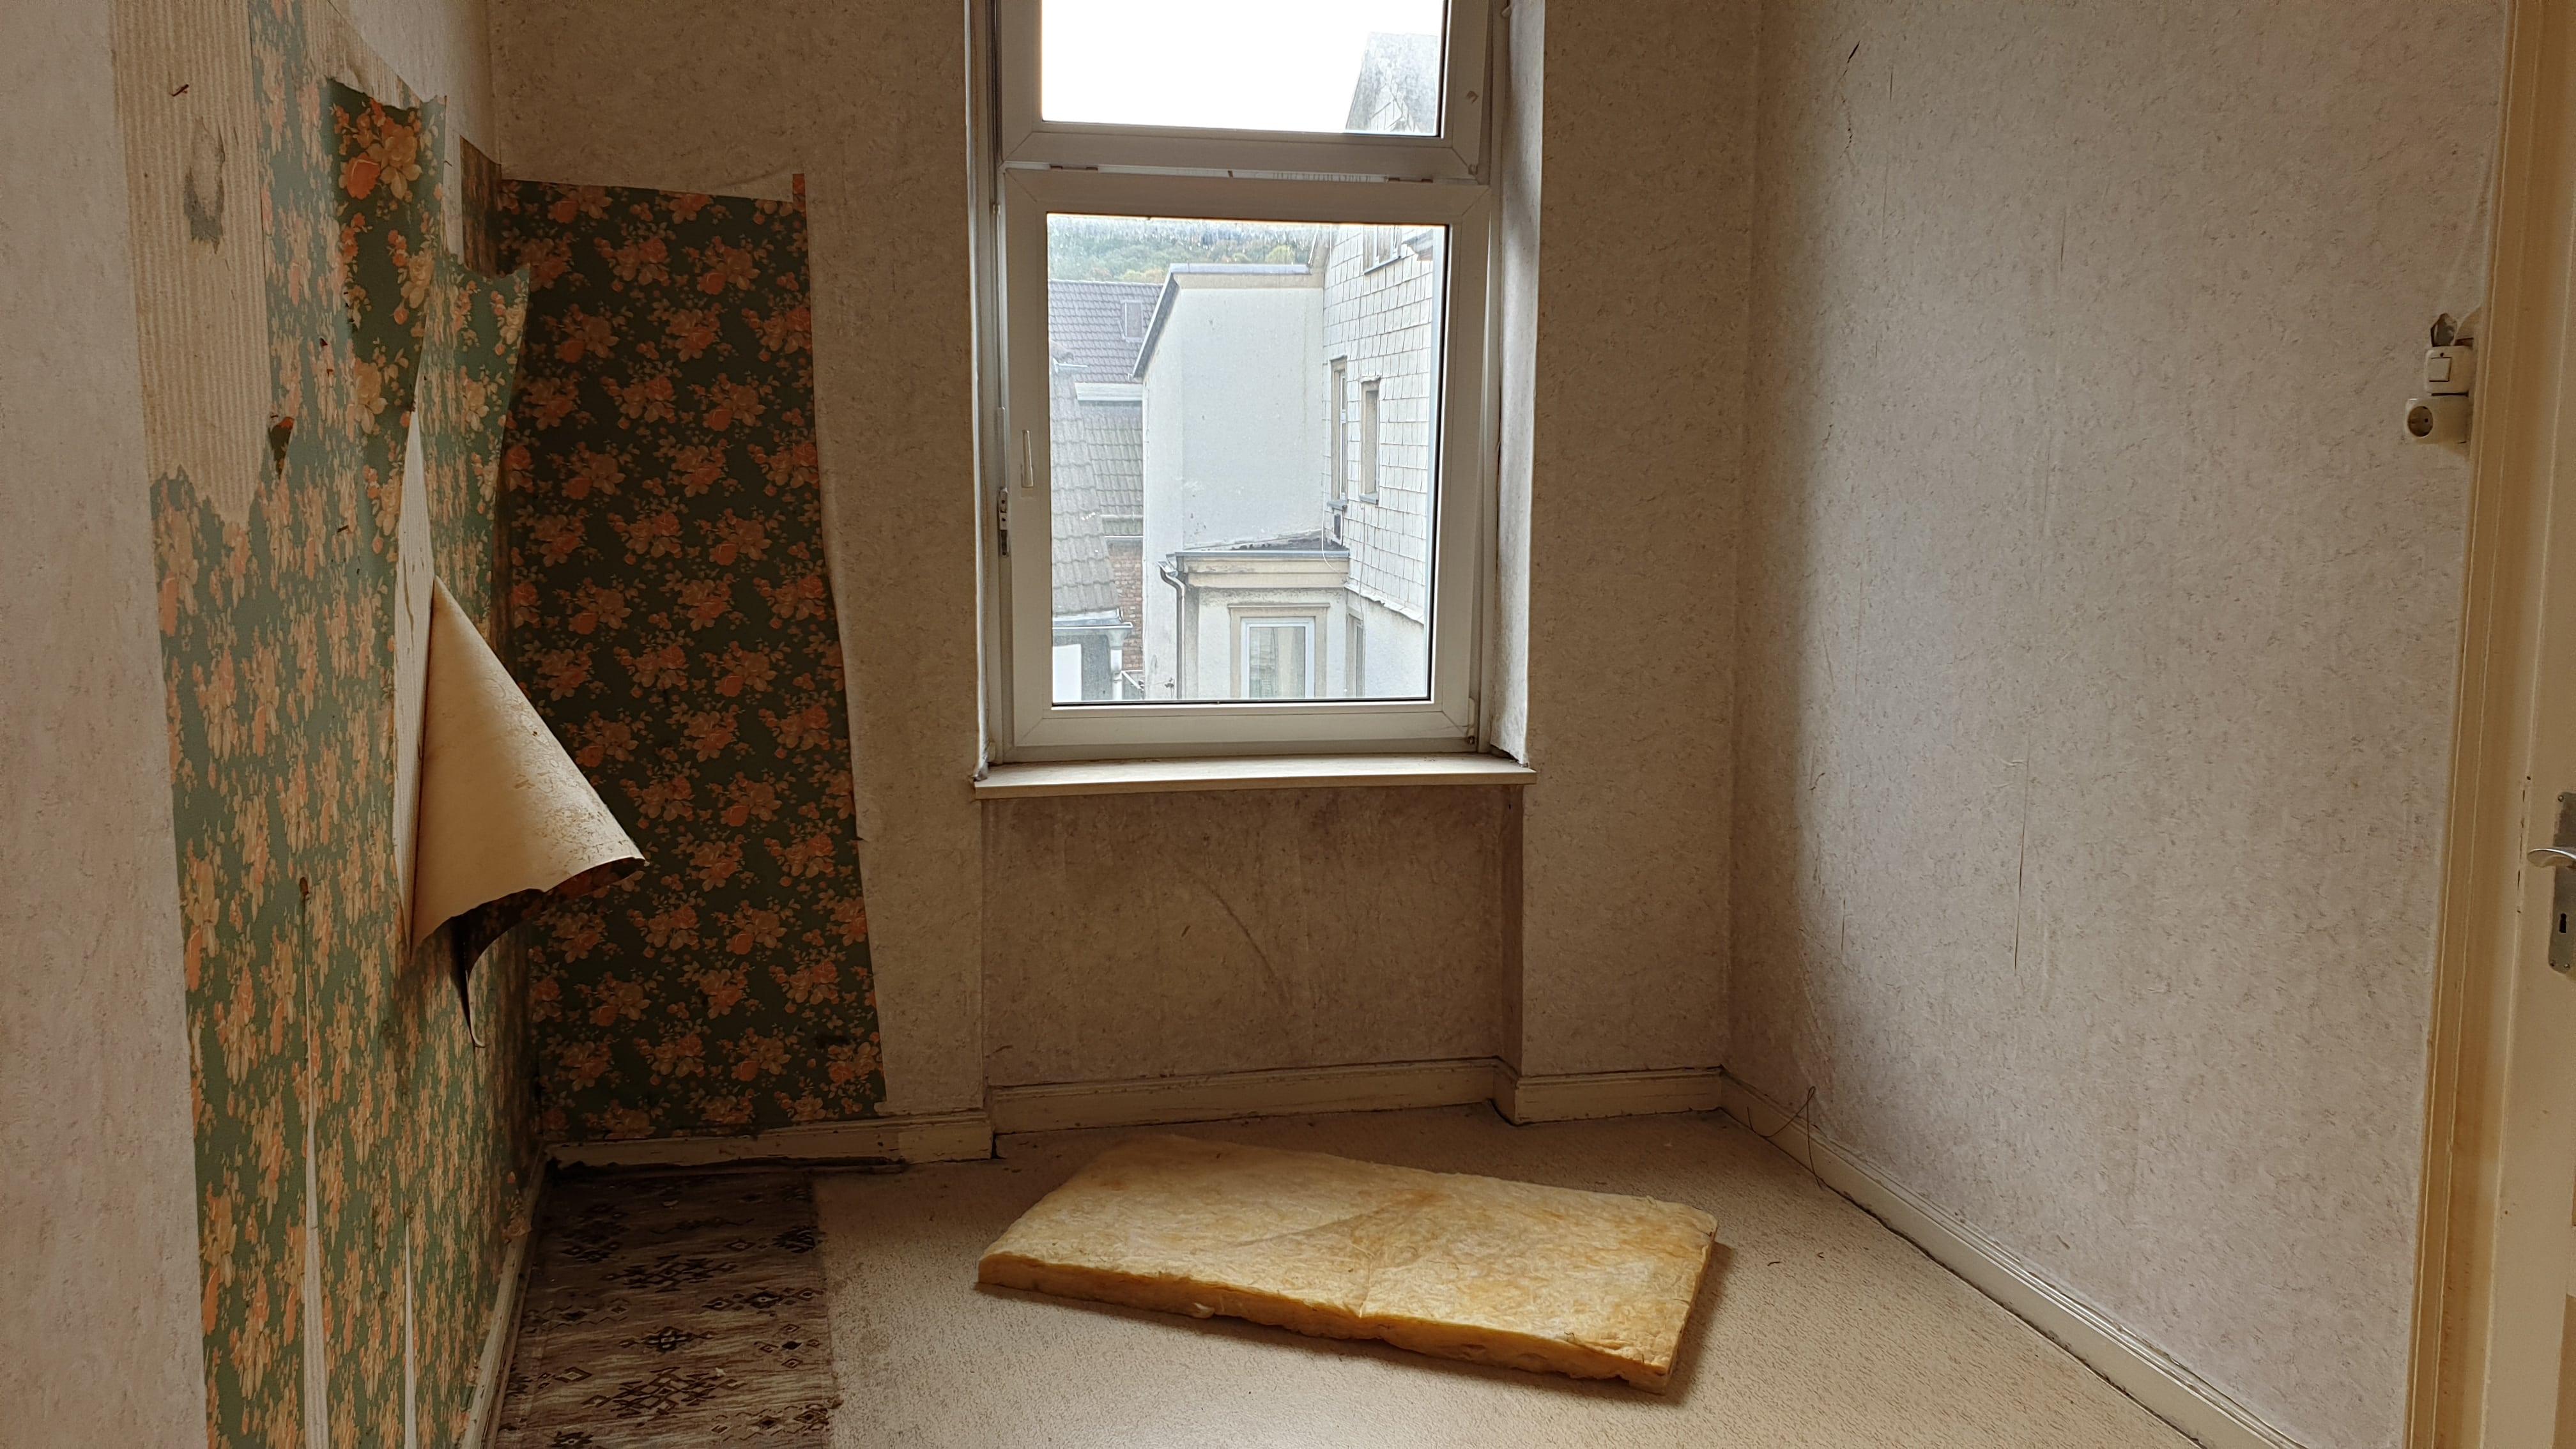 Schlafzimmer im Mehrfamilienhaus